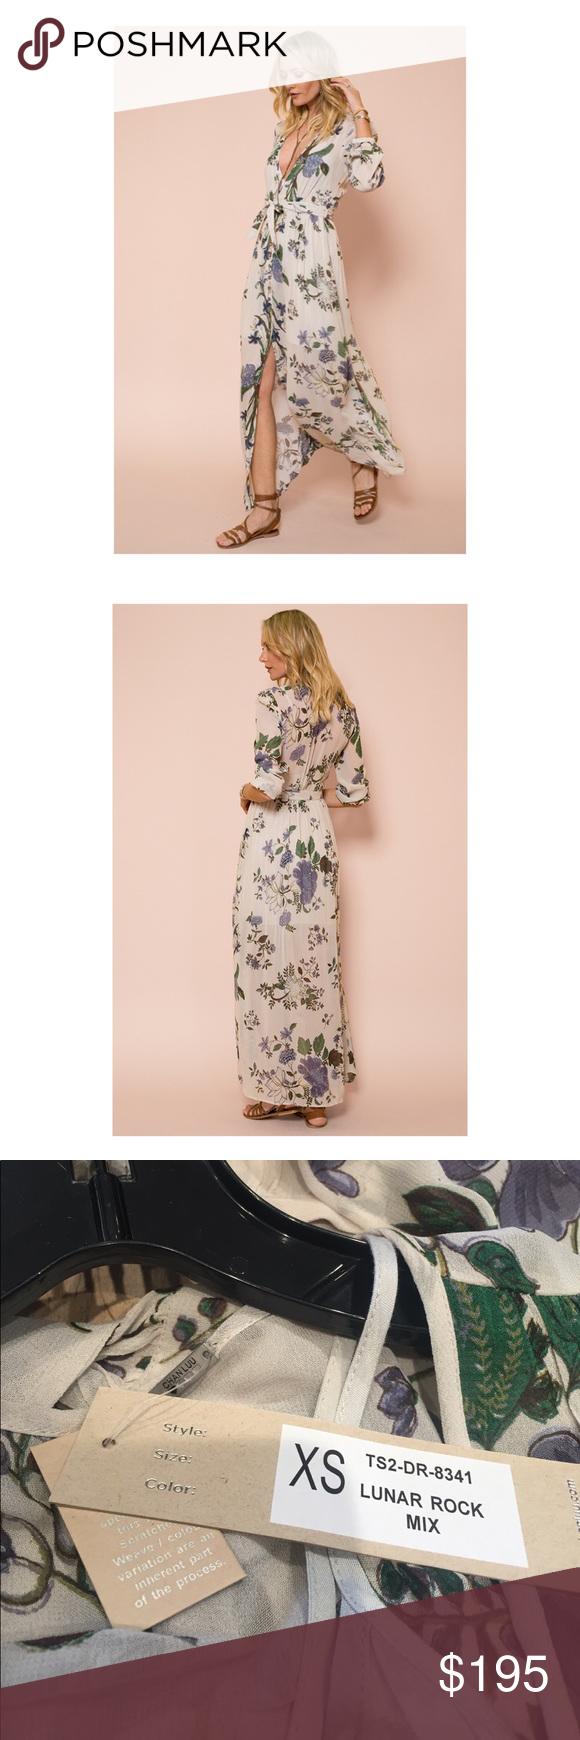 Chan luu lunar mix floral print dress nwt nwt floral print maxi